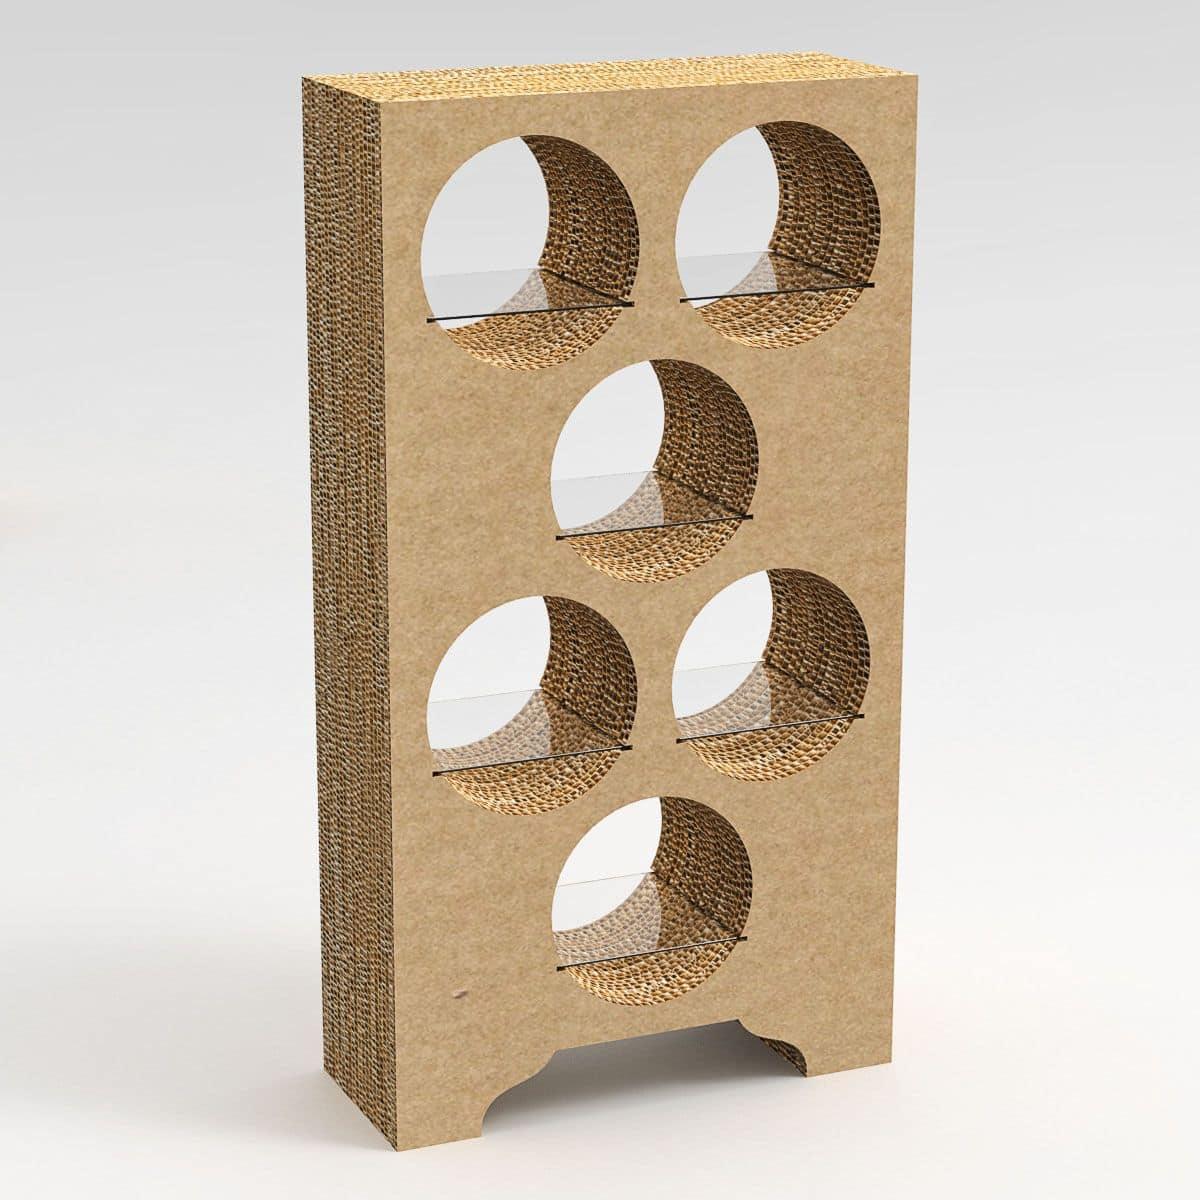 EMMENTAL, Designer B�cherschrank aus Karton realisiert, mit L�chern